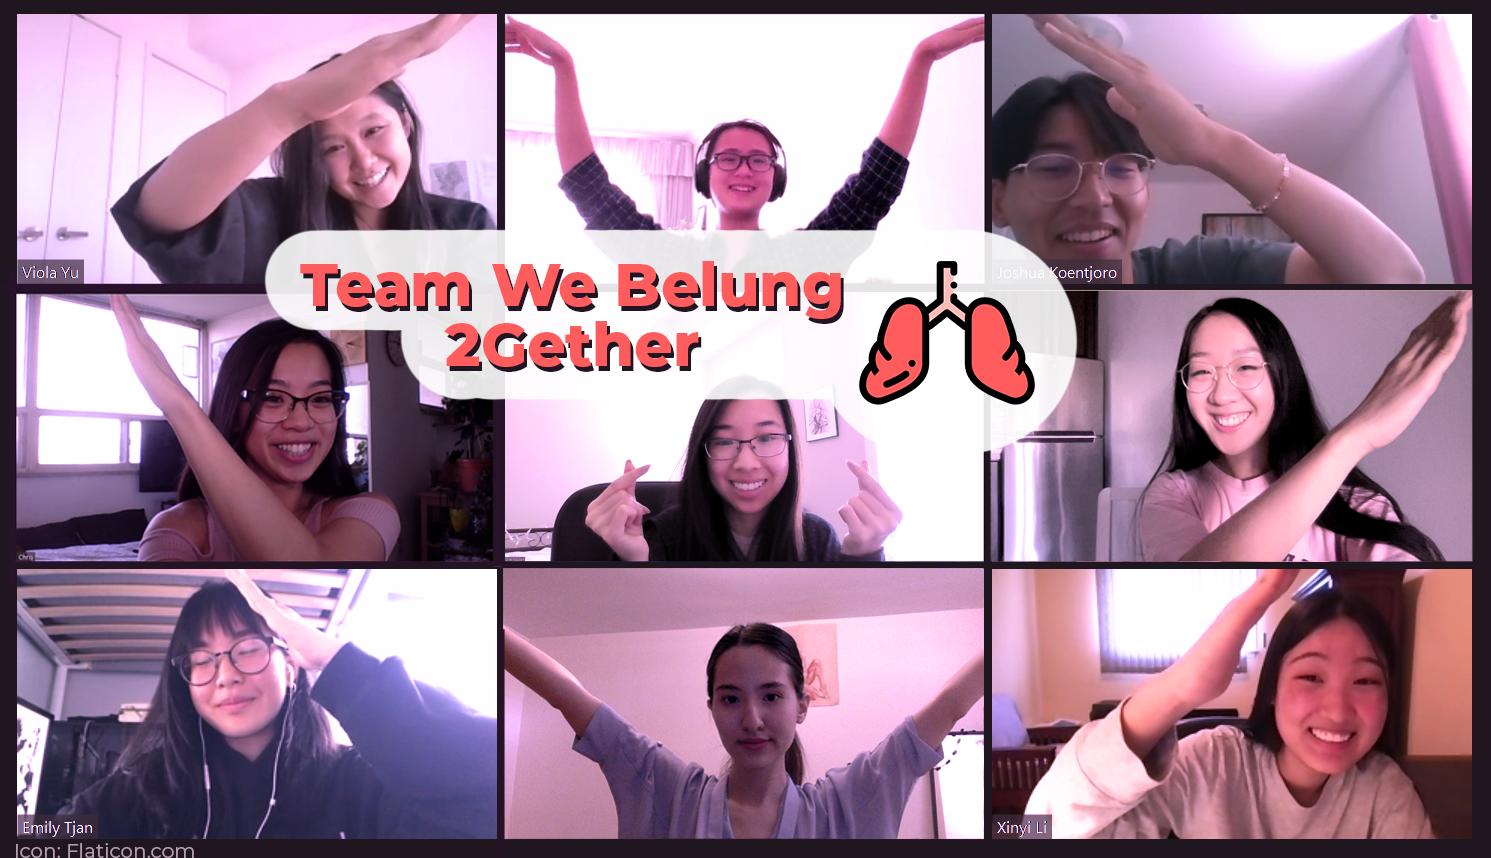 Team We Belung 2Gether